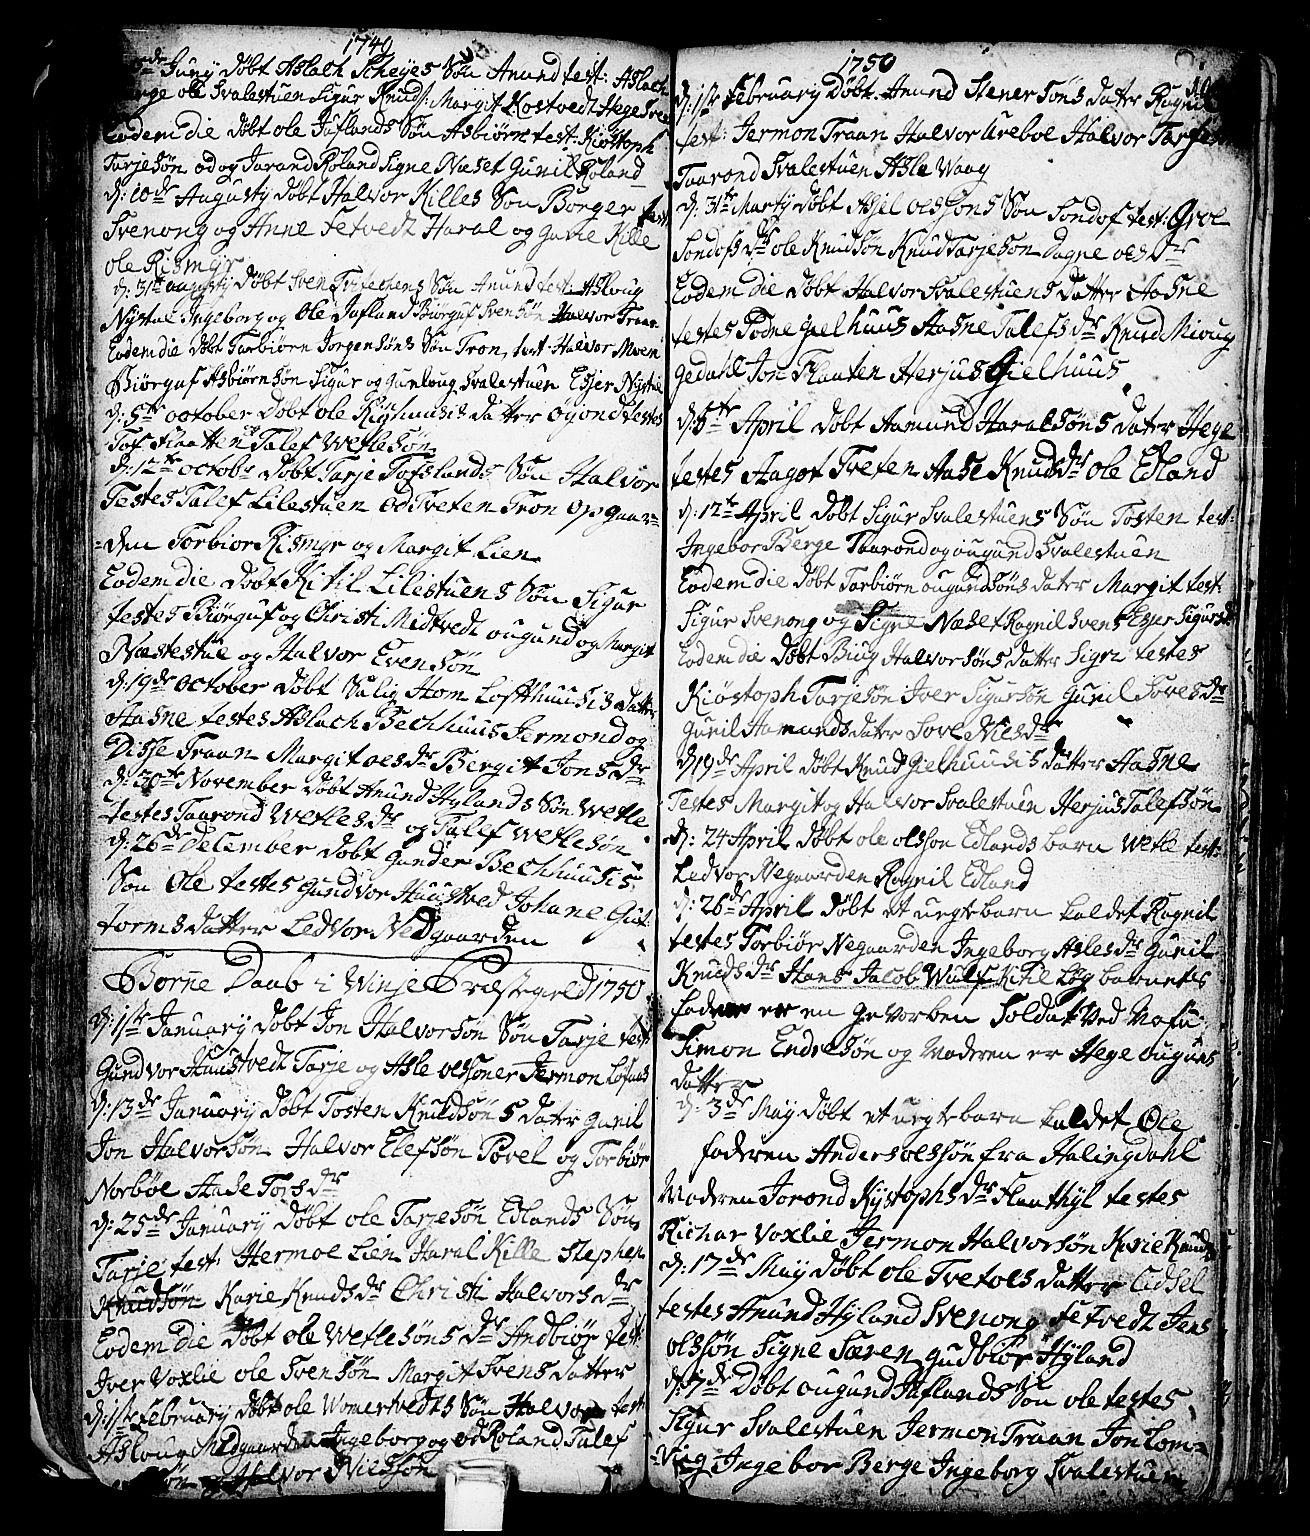 SAKO, Vinje kirkebøker, F/Fa/L0001: Ministerialbok nr. I 1, 1717-1766, s. 104